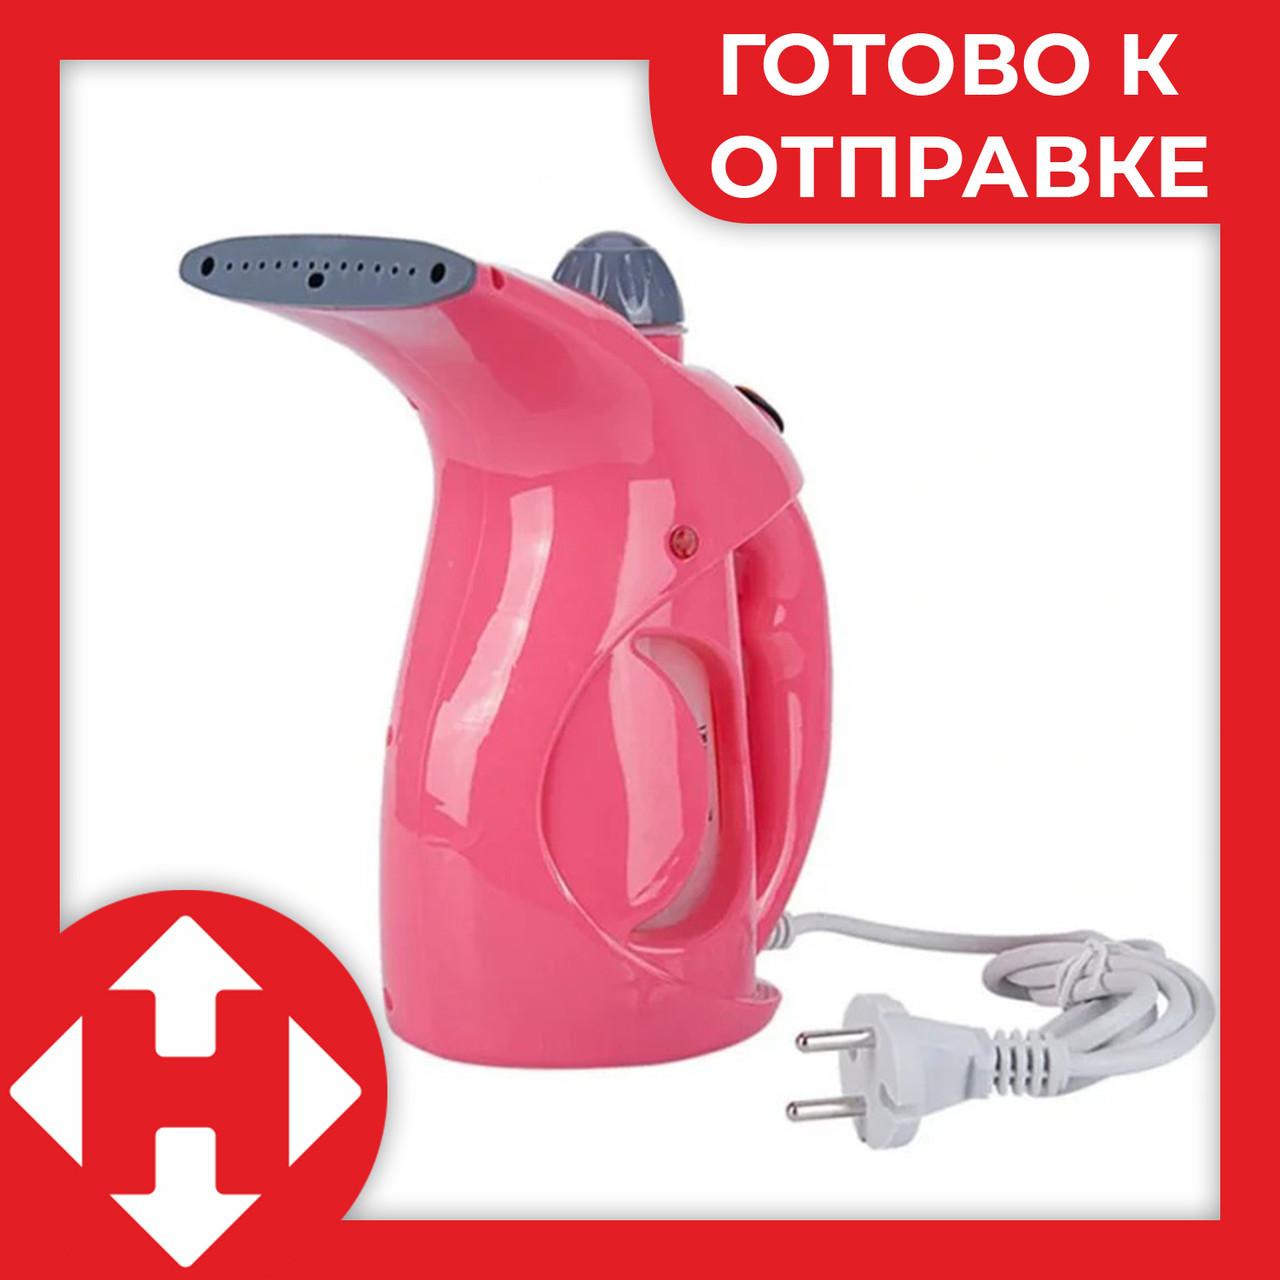 Распродажа! Ручной отпариватель для одежды и мебели Аврора A7 - Розовый